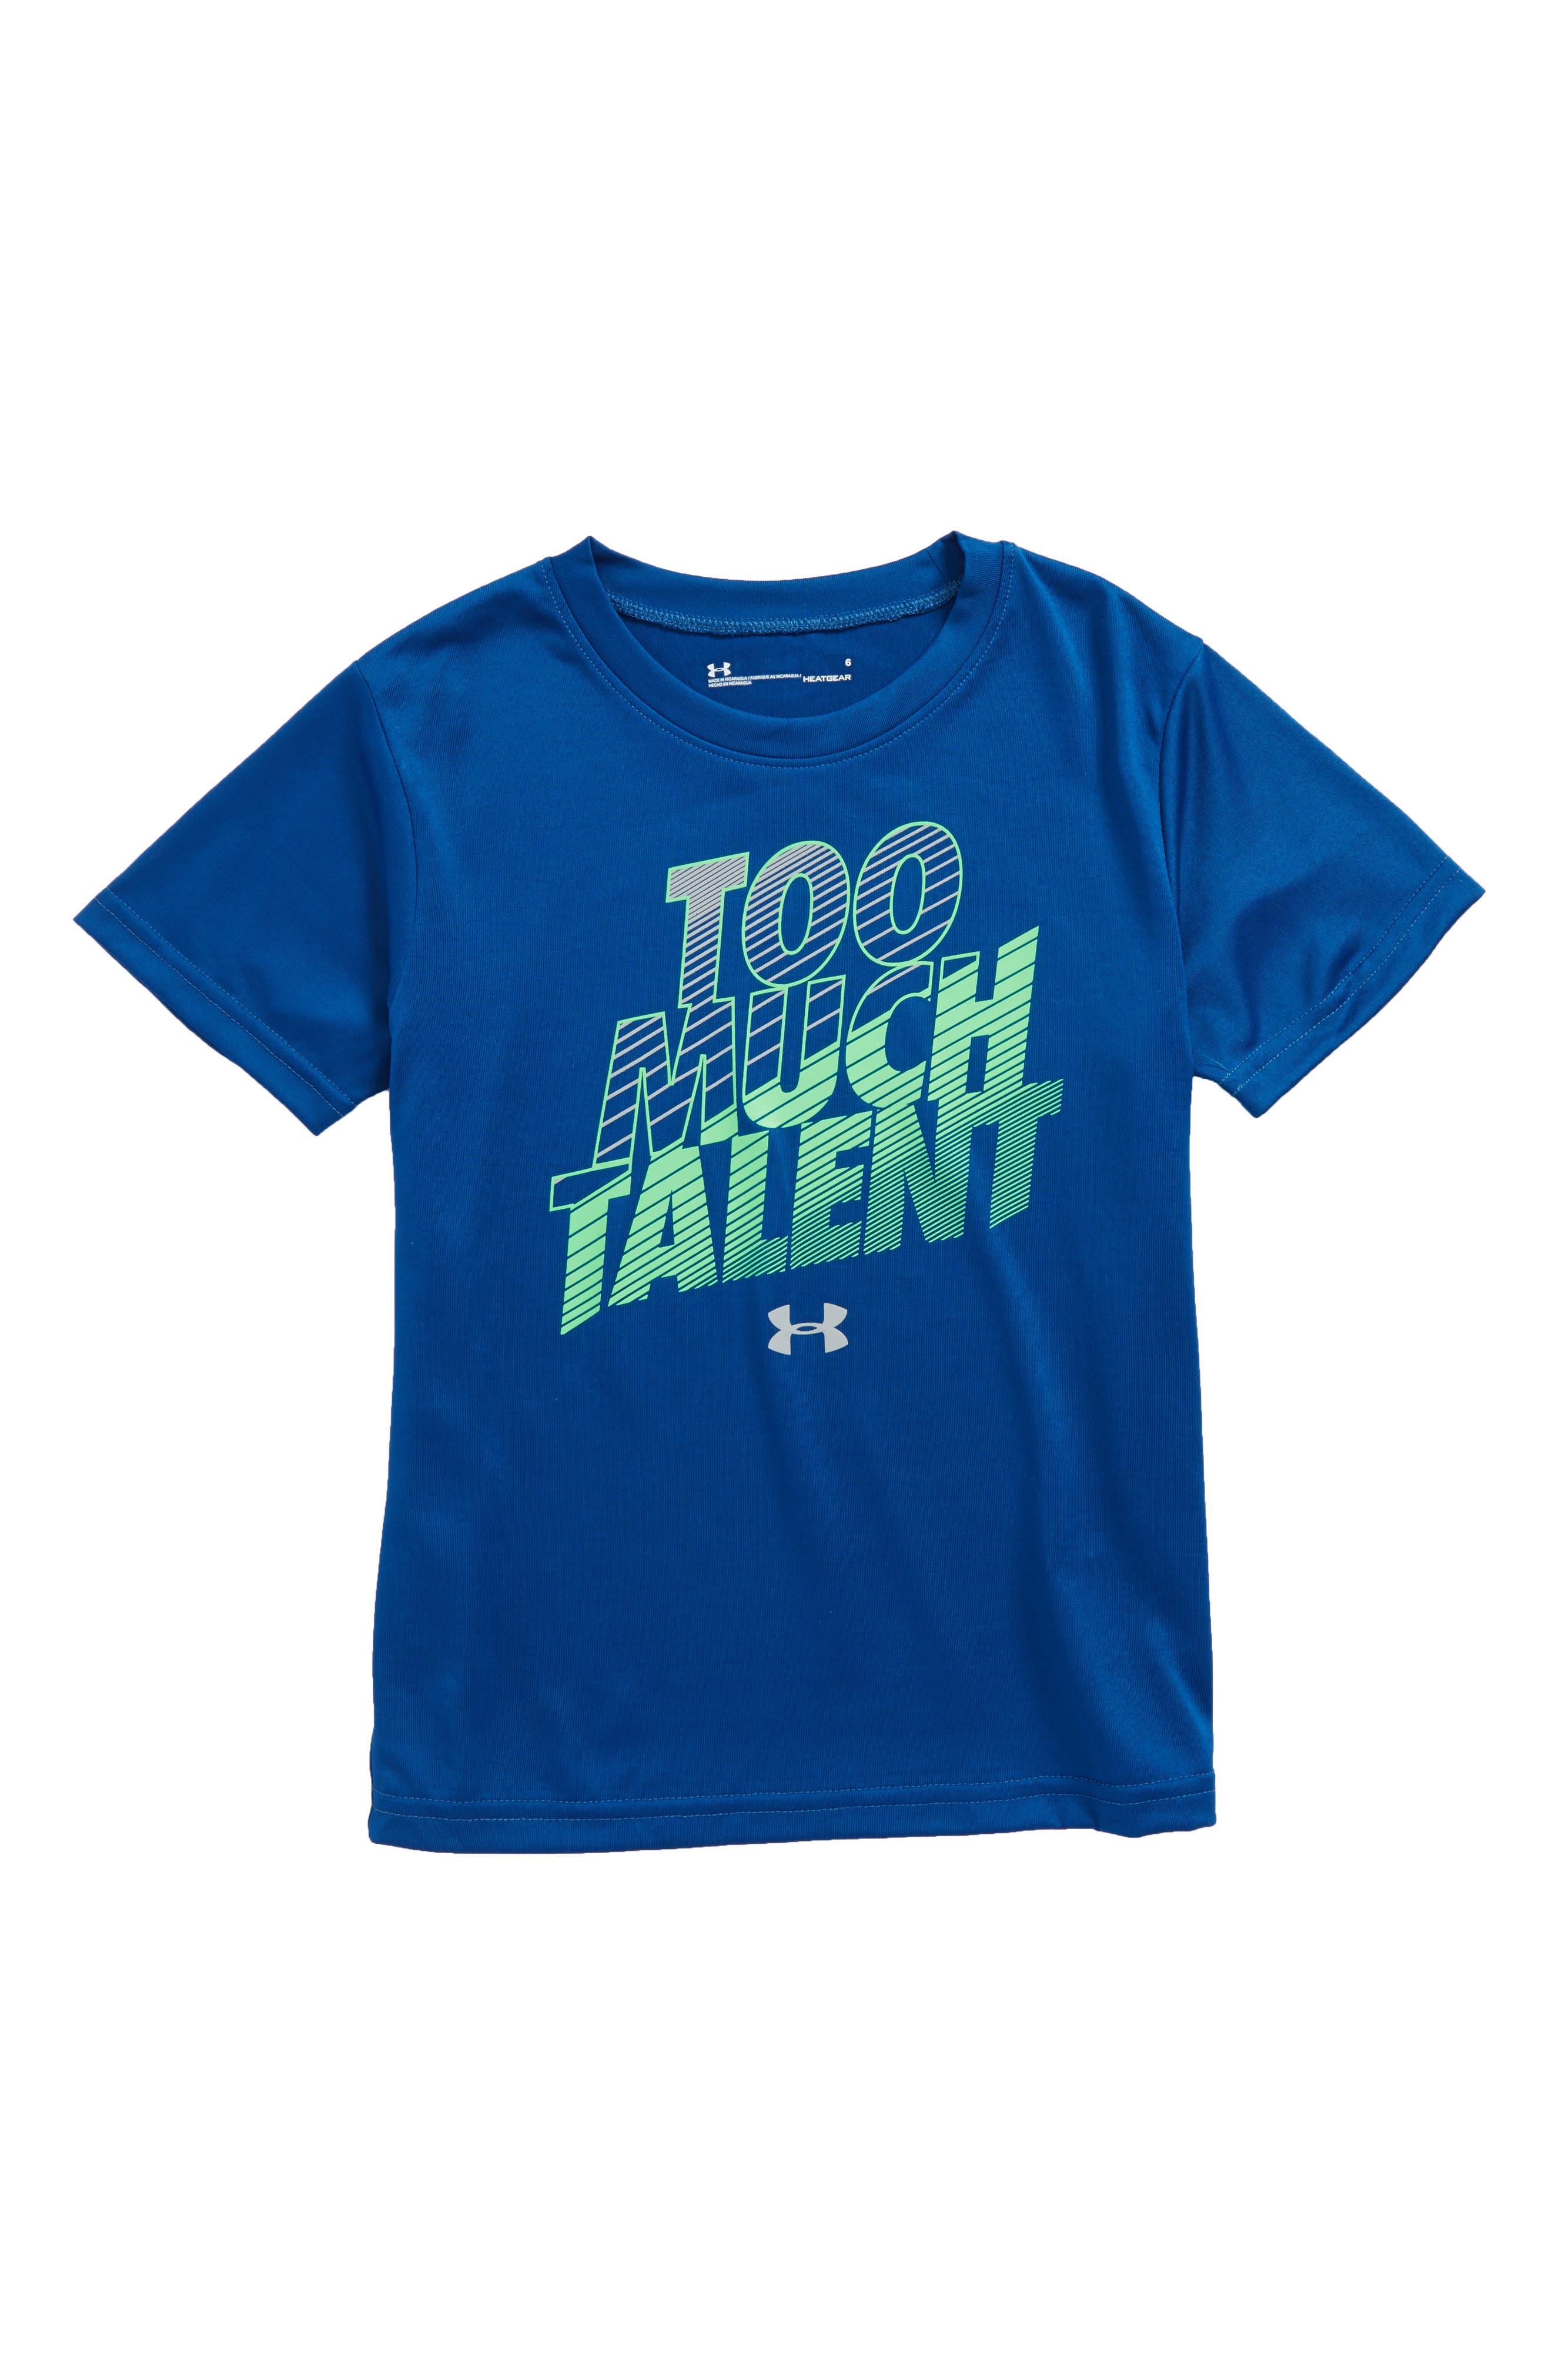 Under Armour Too Much Talent HeatGear® T-Shirt (Toddler Boys & Little Boys)